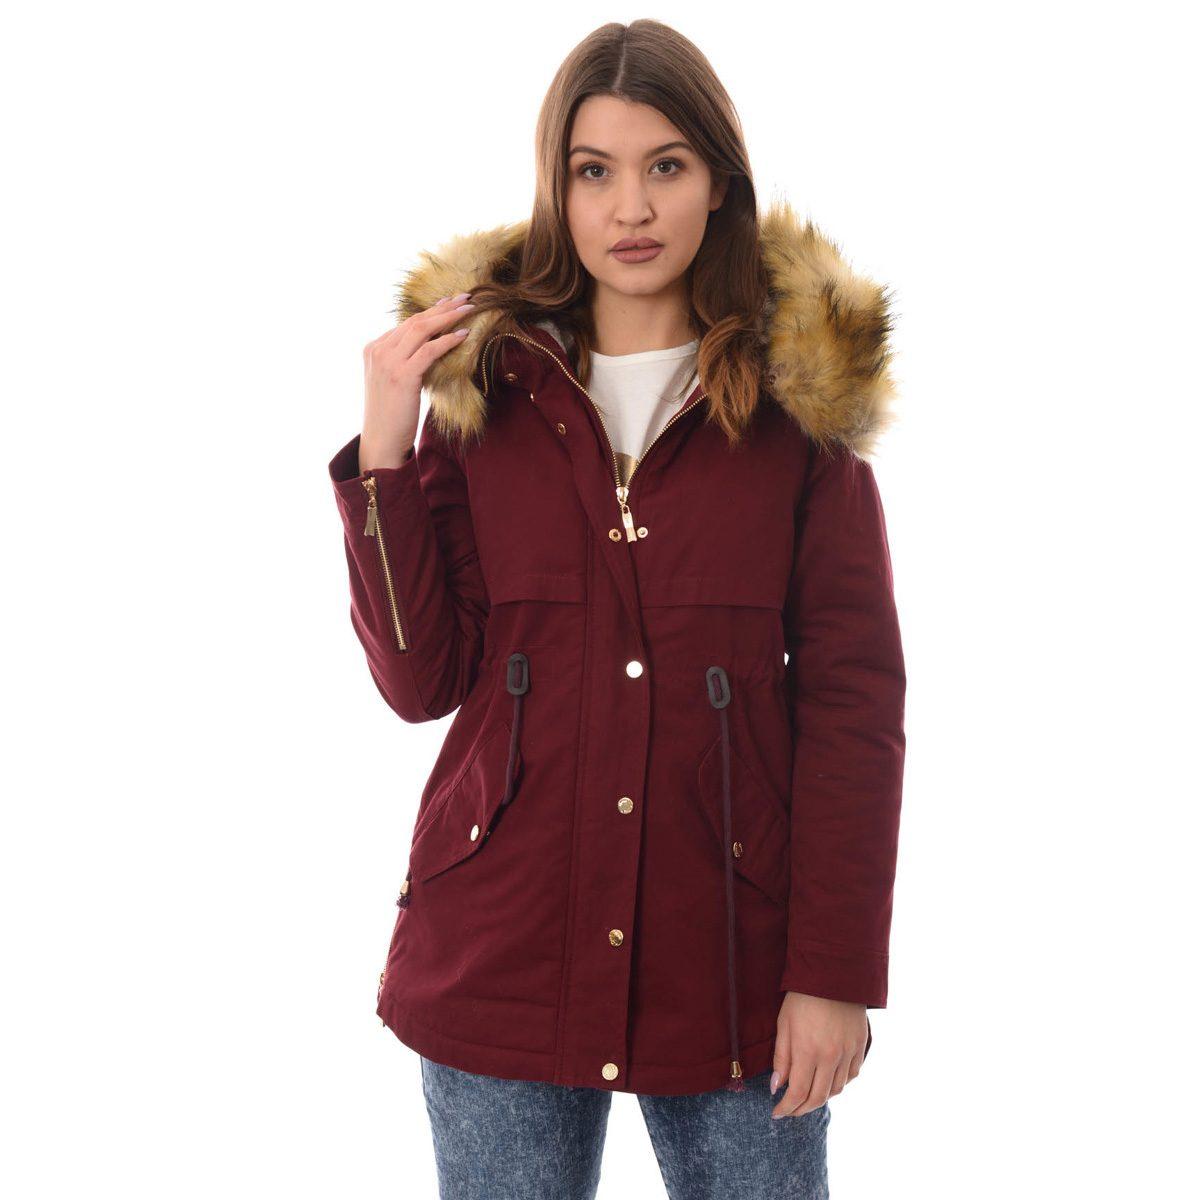 Damska kurtka parka na zimę, z kapturem czy bez?